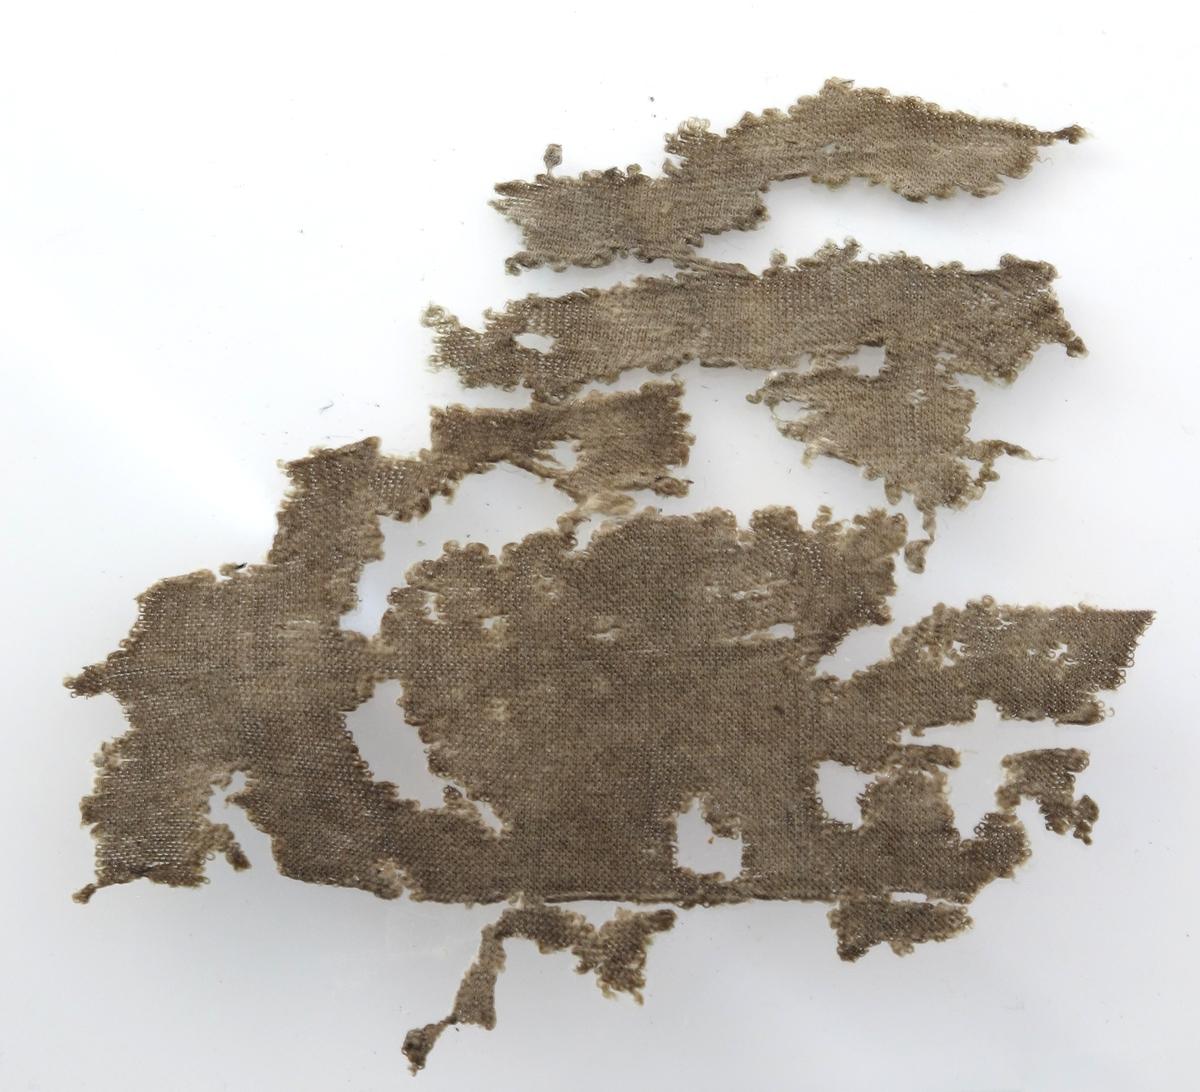 Rest av silkestrømpe. Små rester av en strikket (maskinstrikket) silkestrømpe,  engelsk ? Tilstand: nå lyst brunt på farge, forrevet stykke. Glattstrikket på den ene side, vrangen er  montert fra glasset.